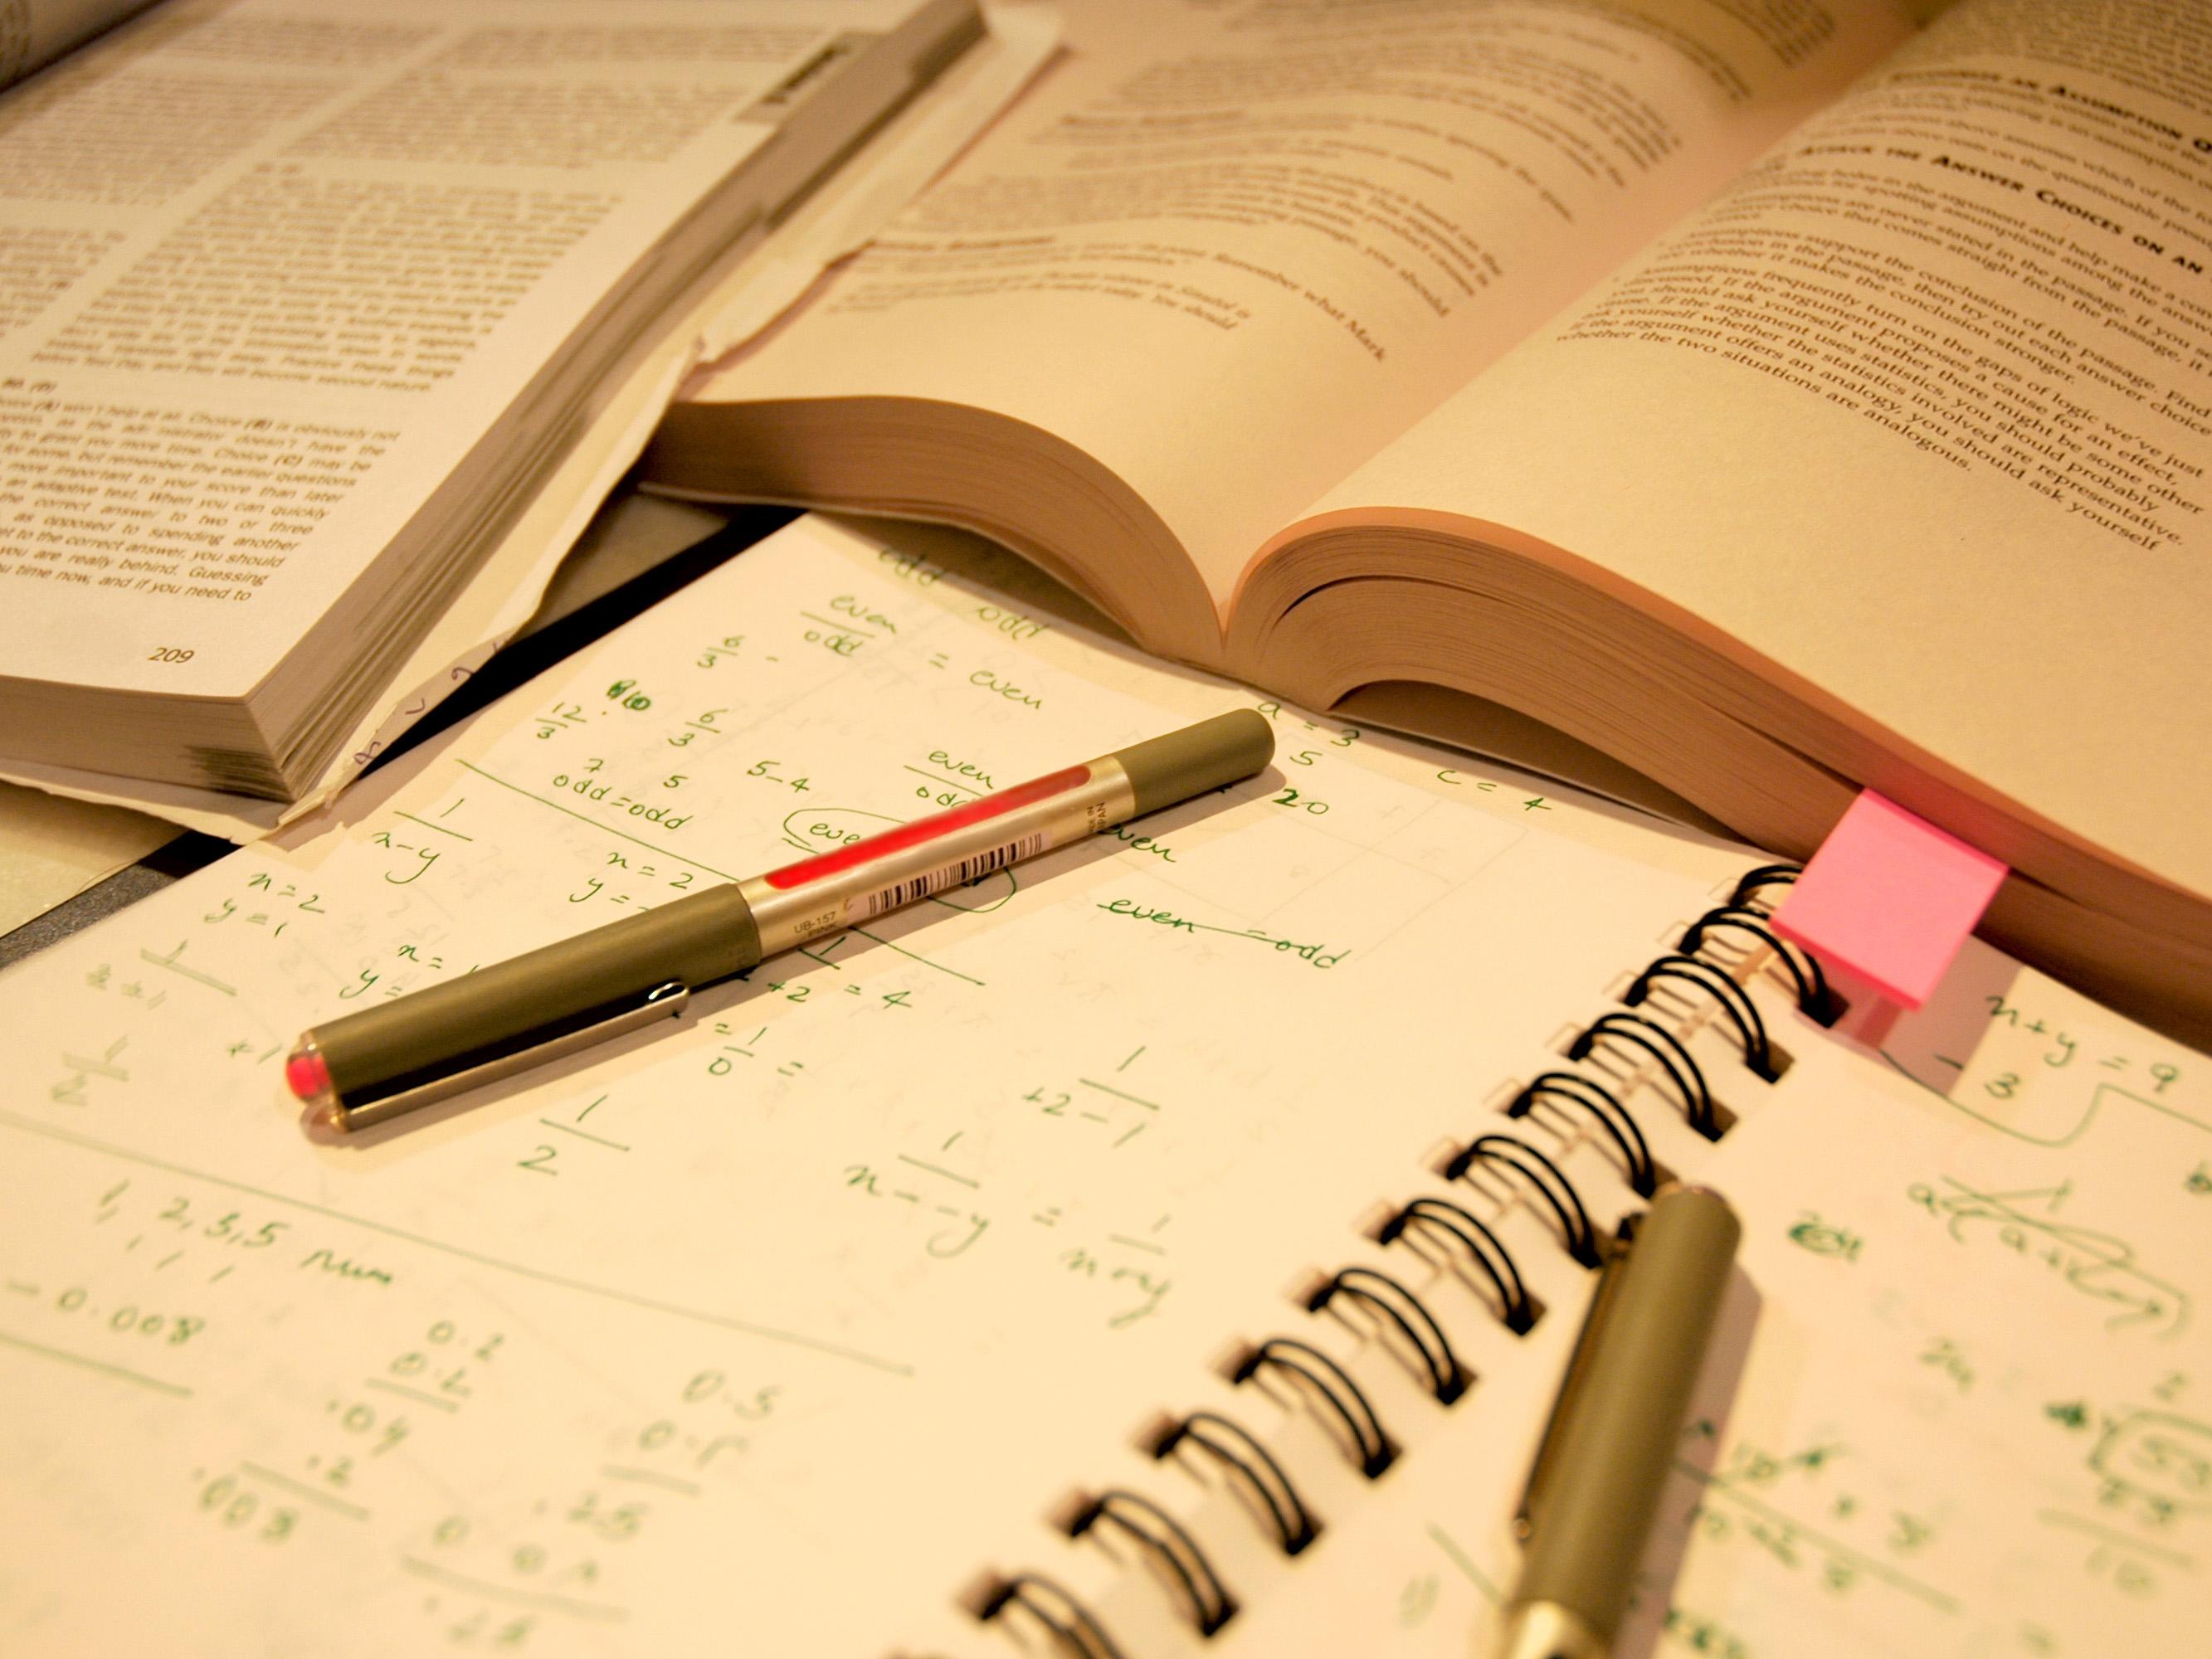 دانلود برنامه ی انروید تندخوانی و افزایش حافظه و مطالعه